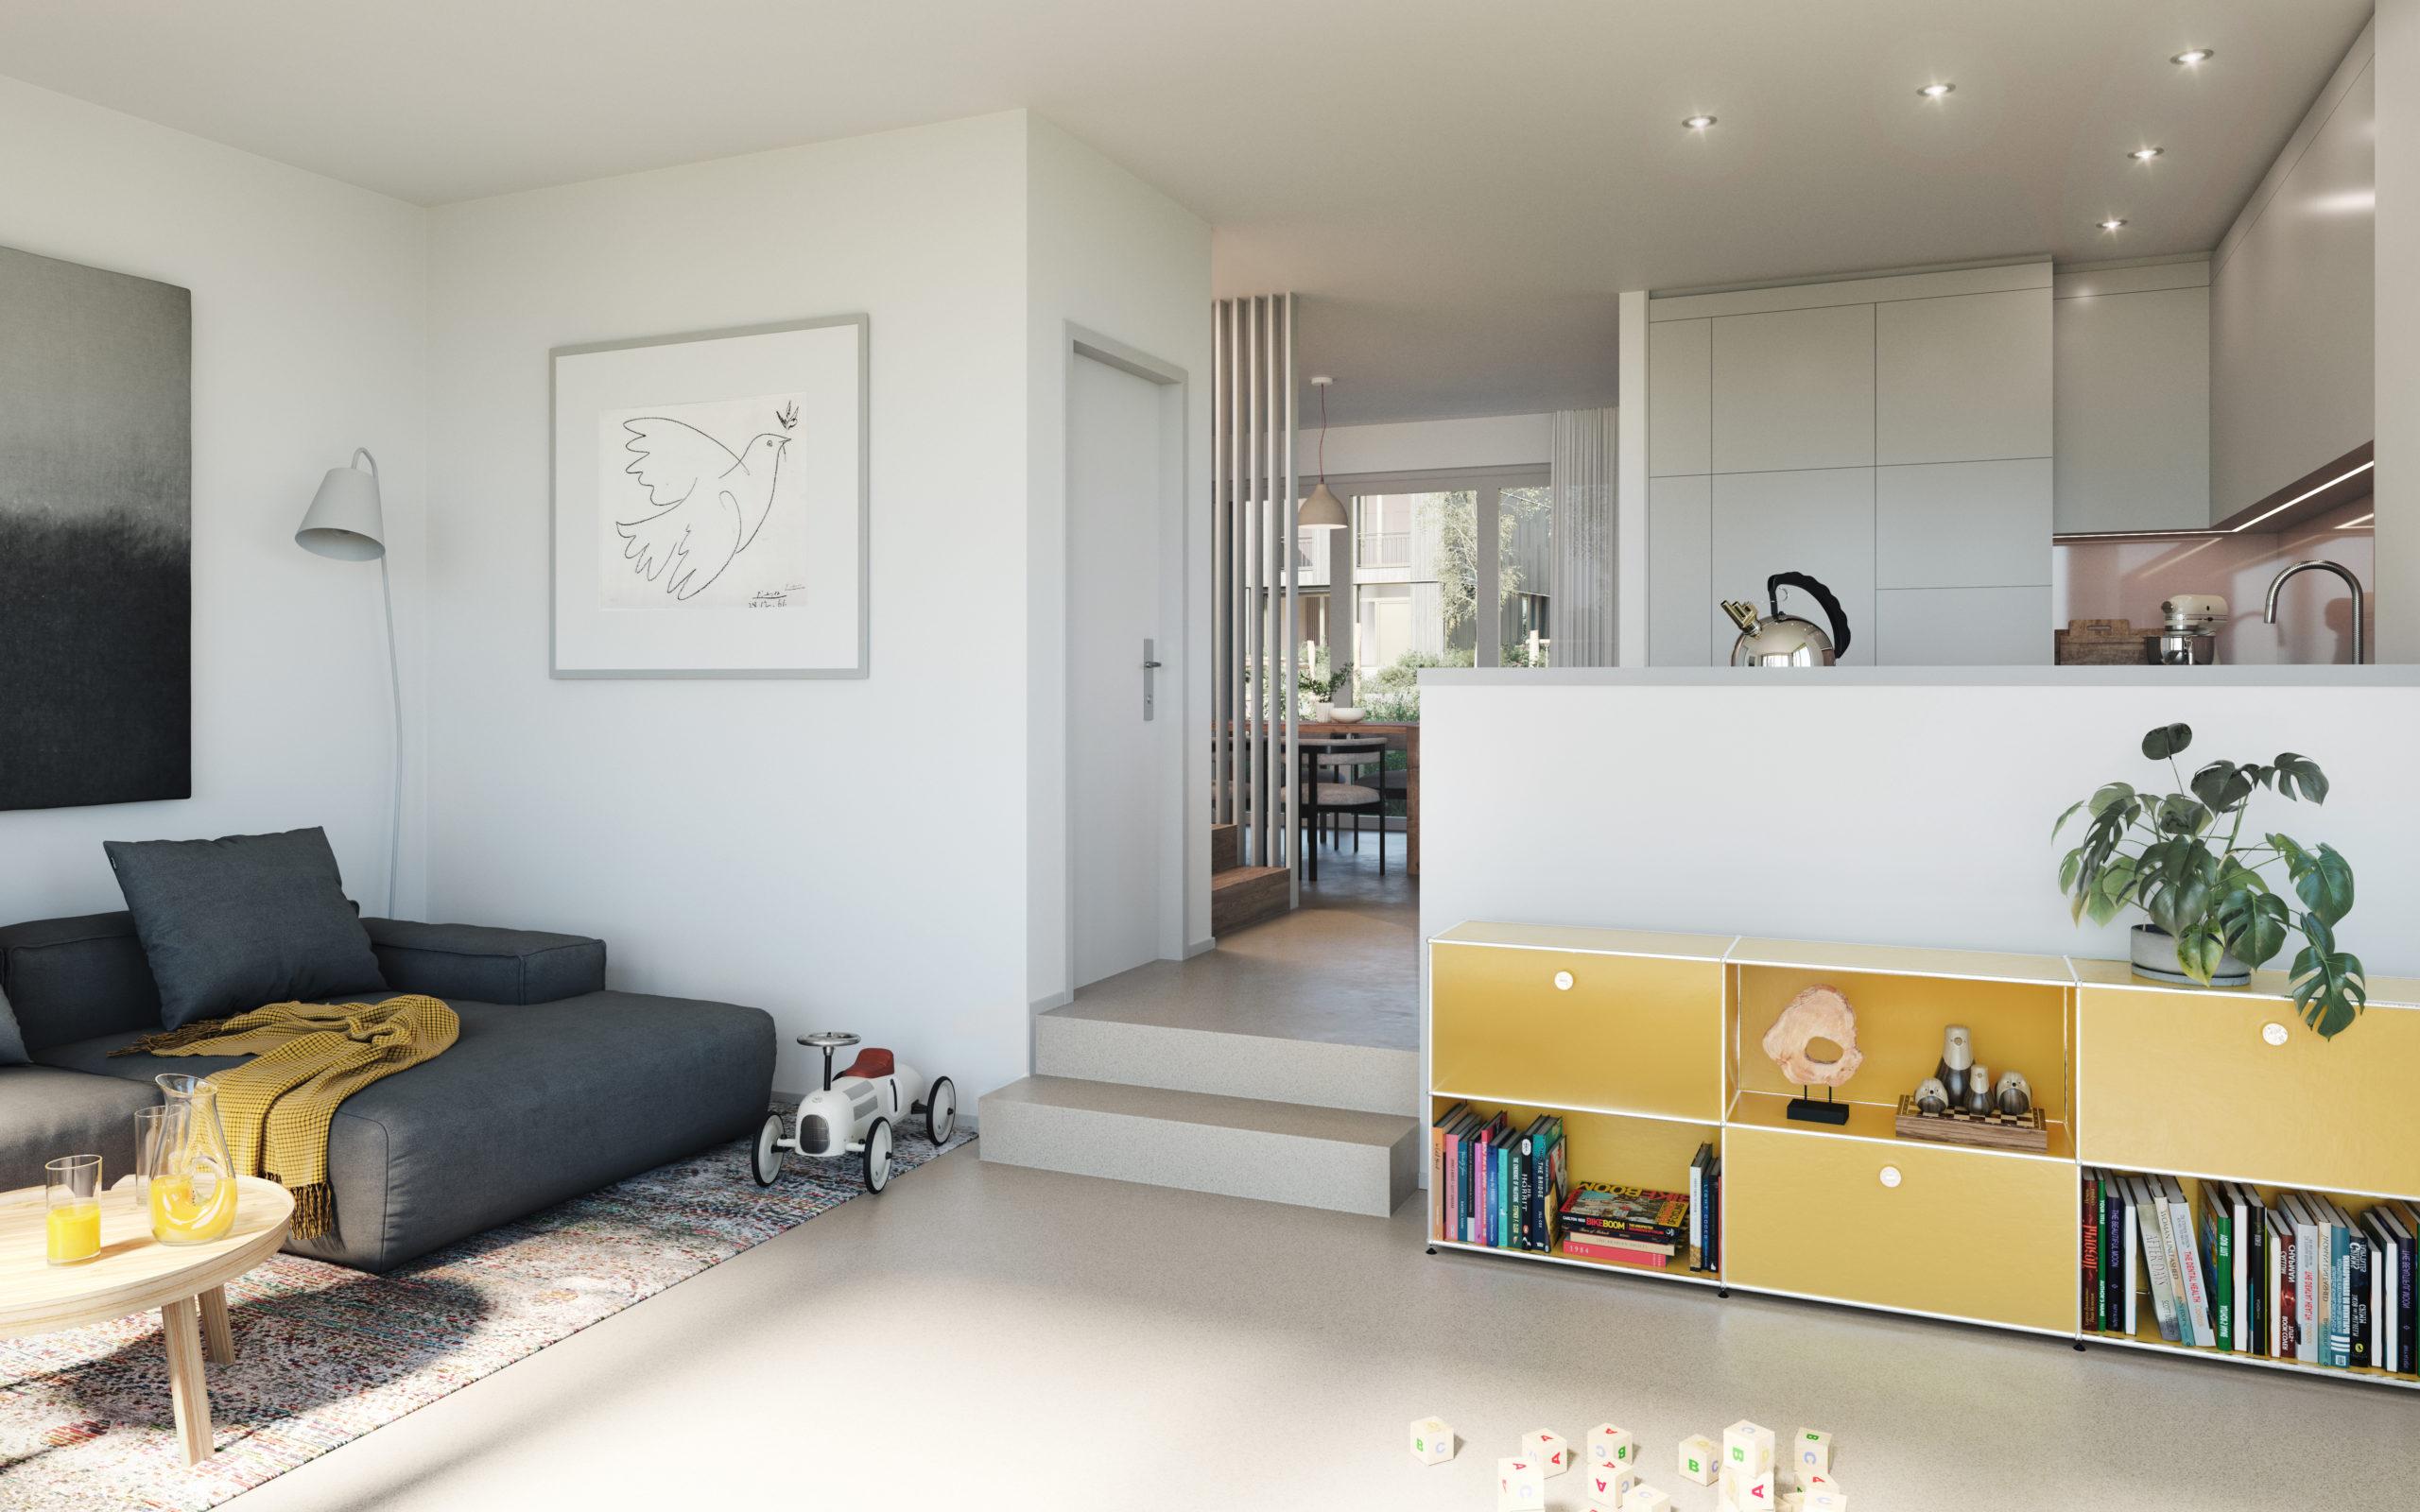 Innenvisualisierung Wohnzimmer 2